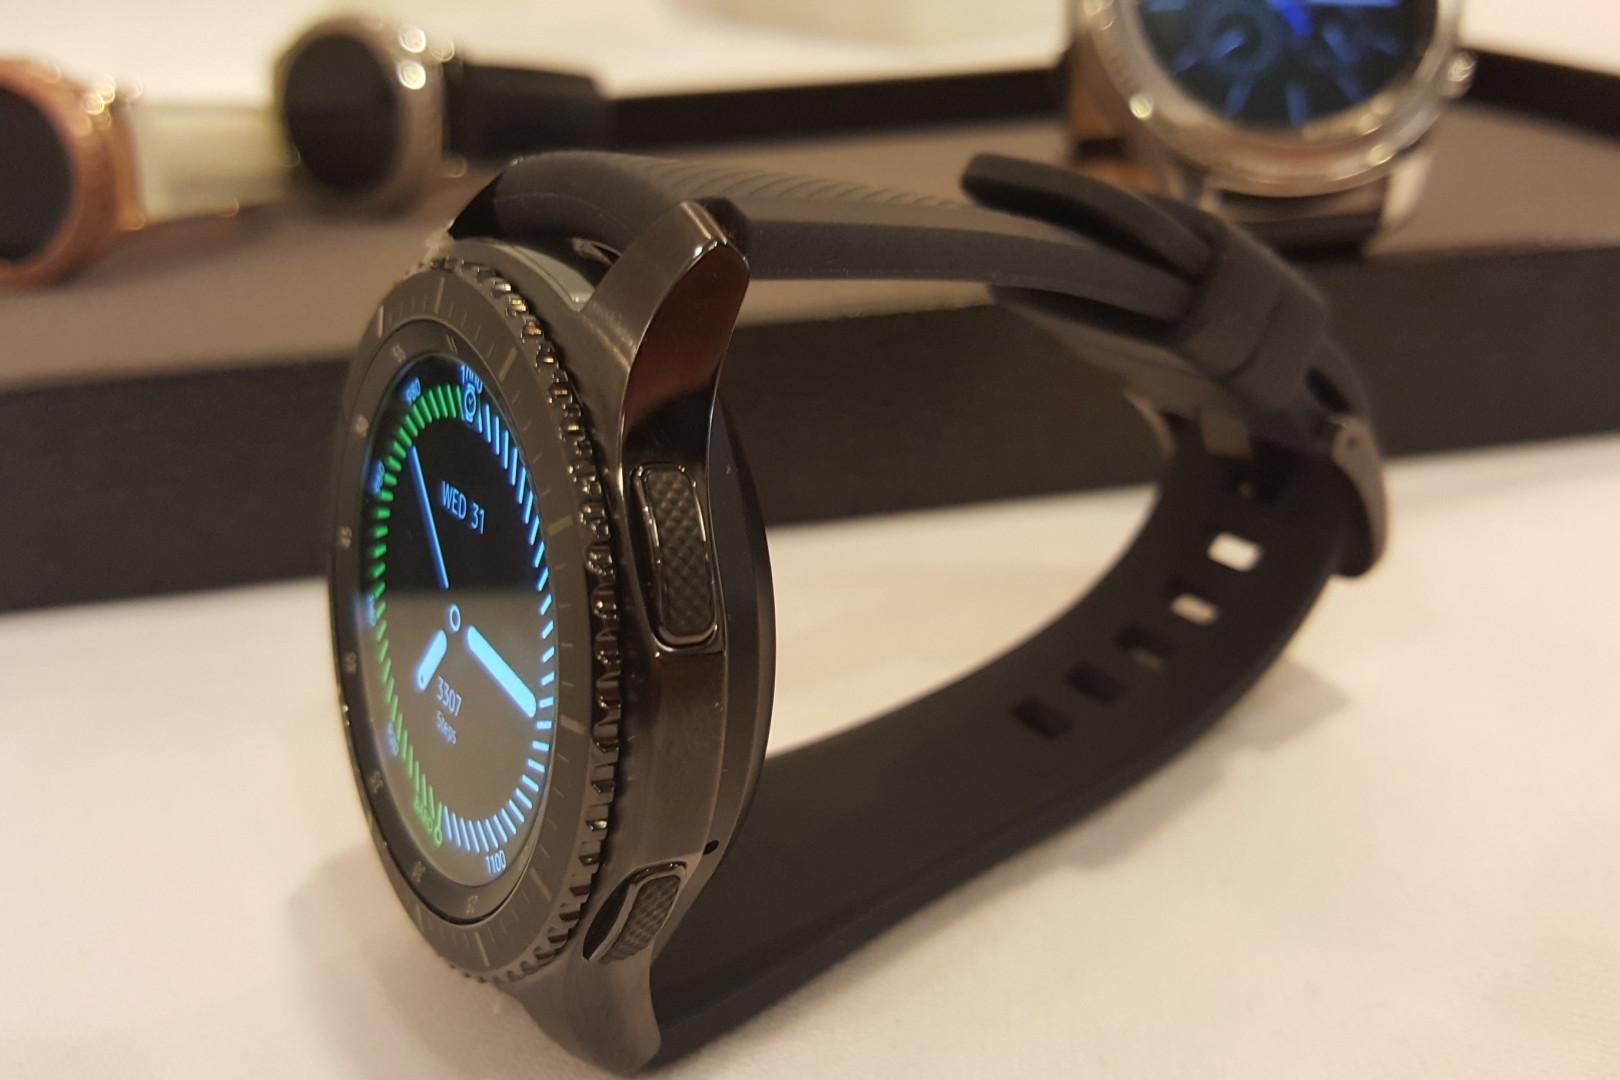 La nouvelle montre Gear S3 Frontier de Samsung